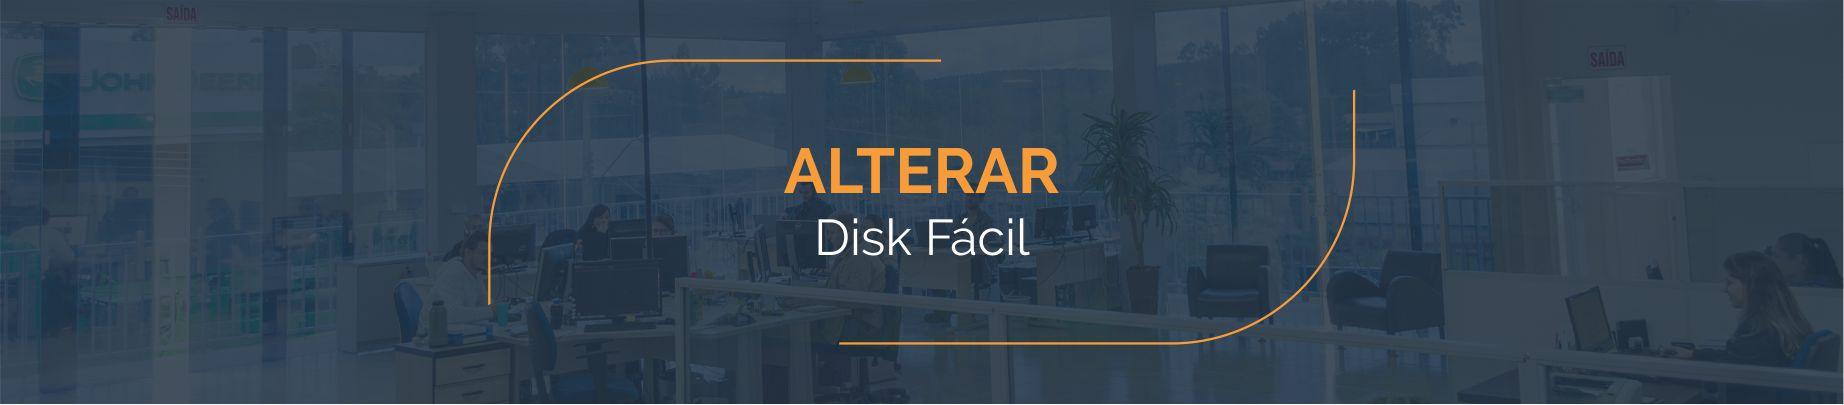 Alterar - Disk Fácil Listas Telefônicas